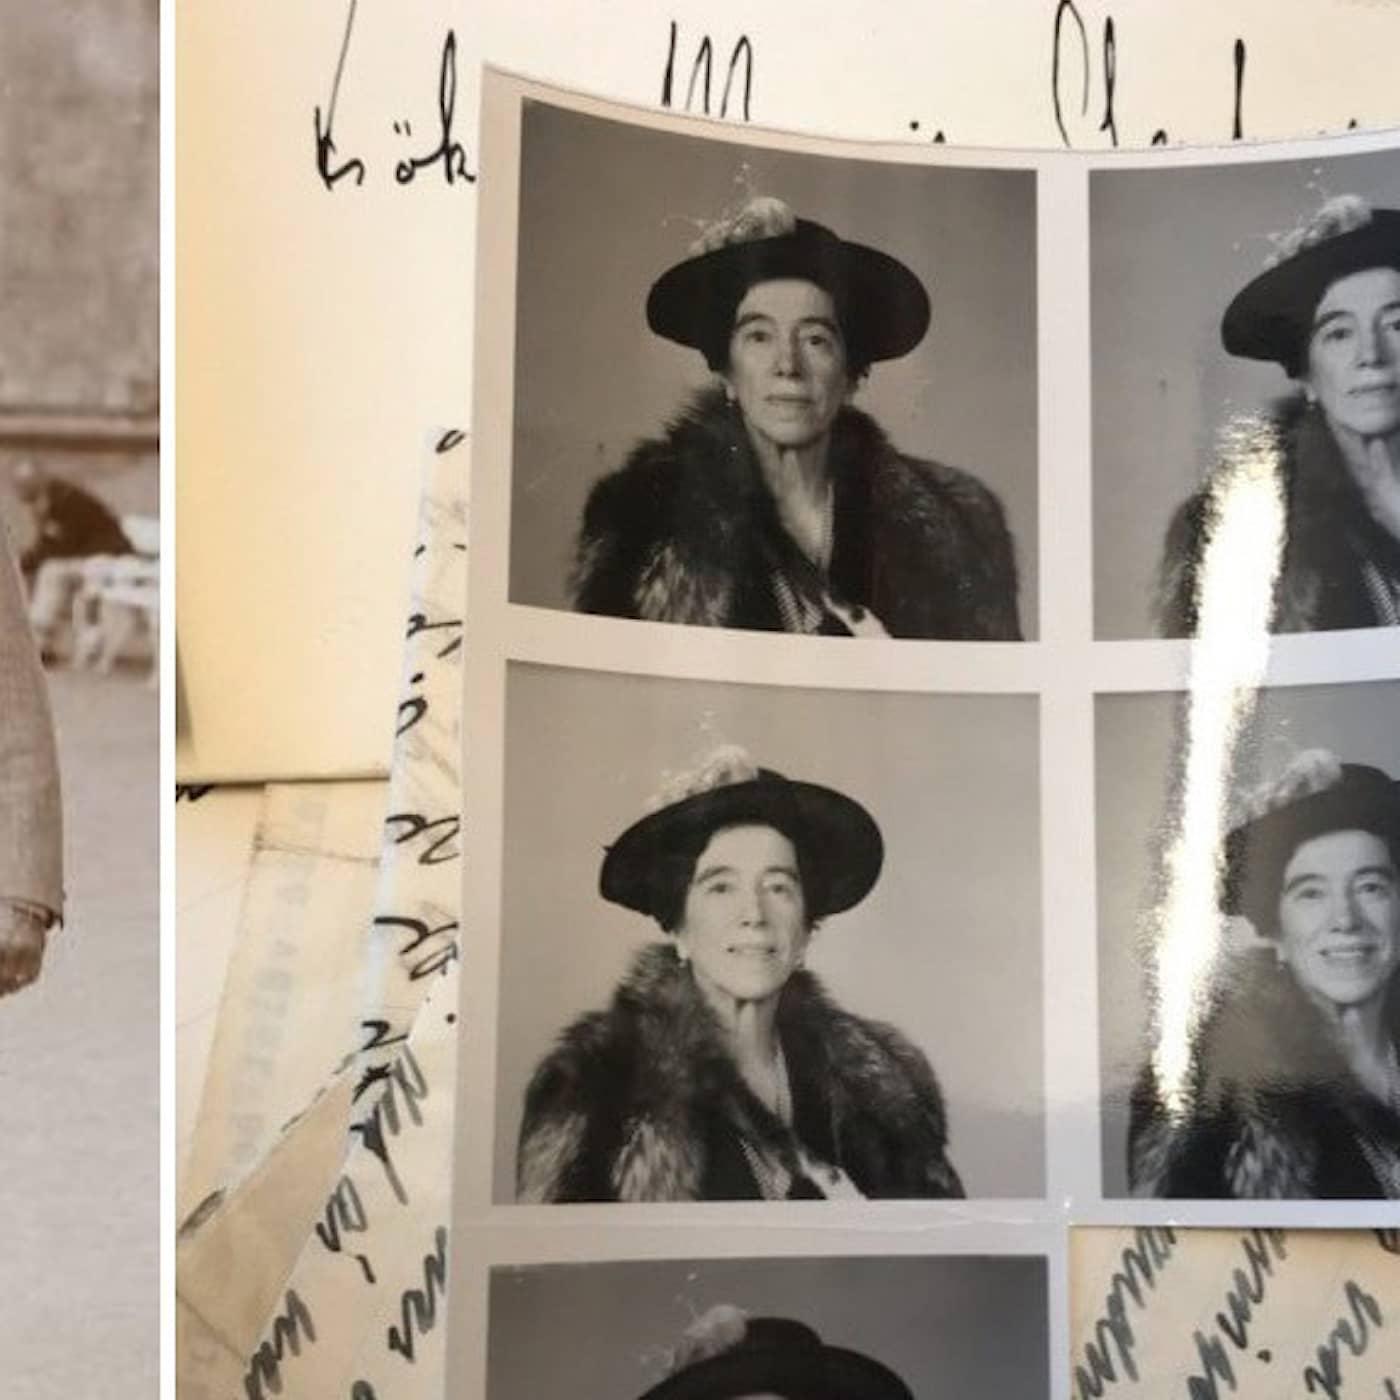 Malin tecknar historien genom kärleksbrev